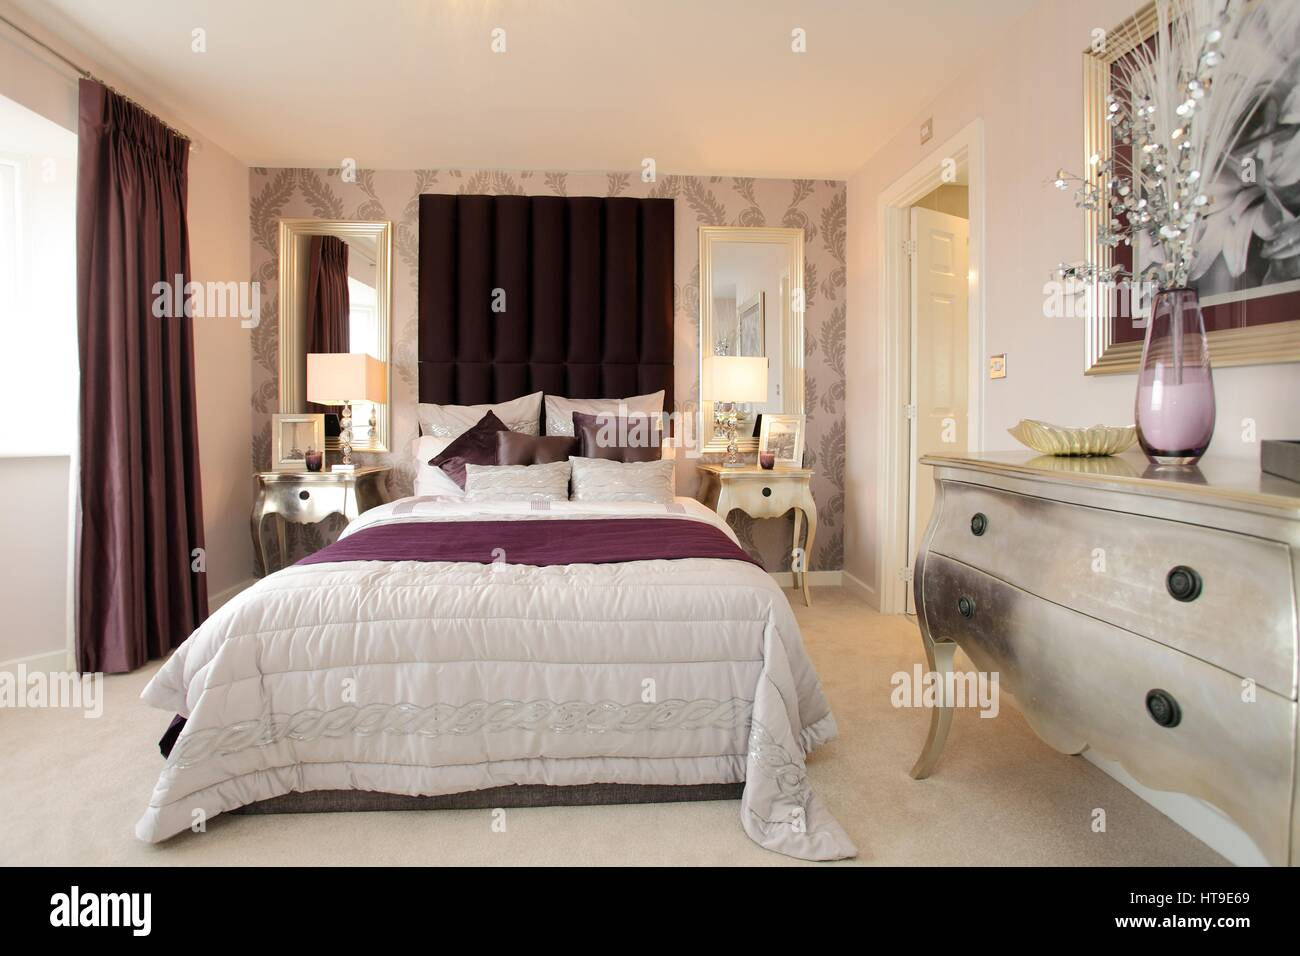 Wohngebäude, Schlafzimmer Dekoriert In Lila Und Creme Farben, Silberne  Nachttische, Frisierkommode, Gepolsterte Kopfteil, En Suite